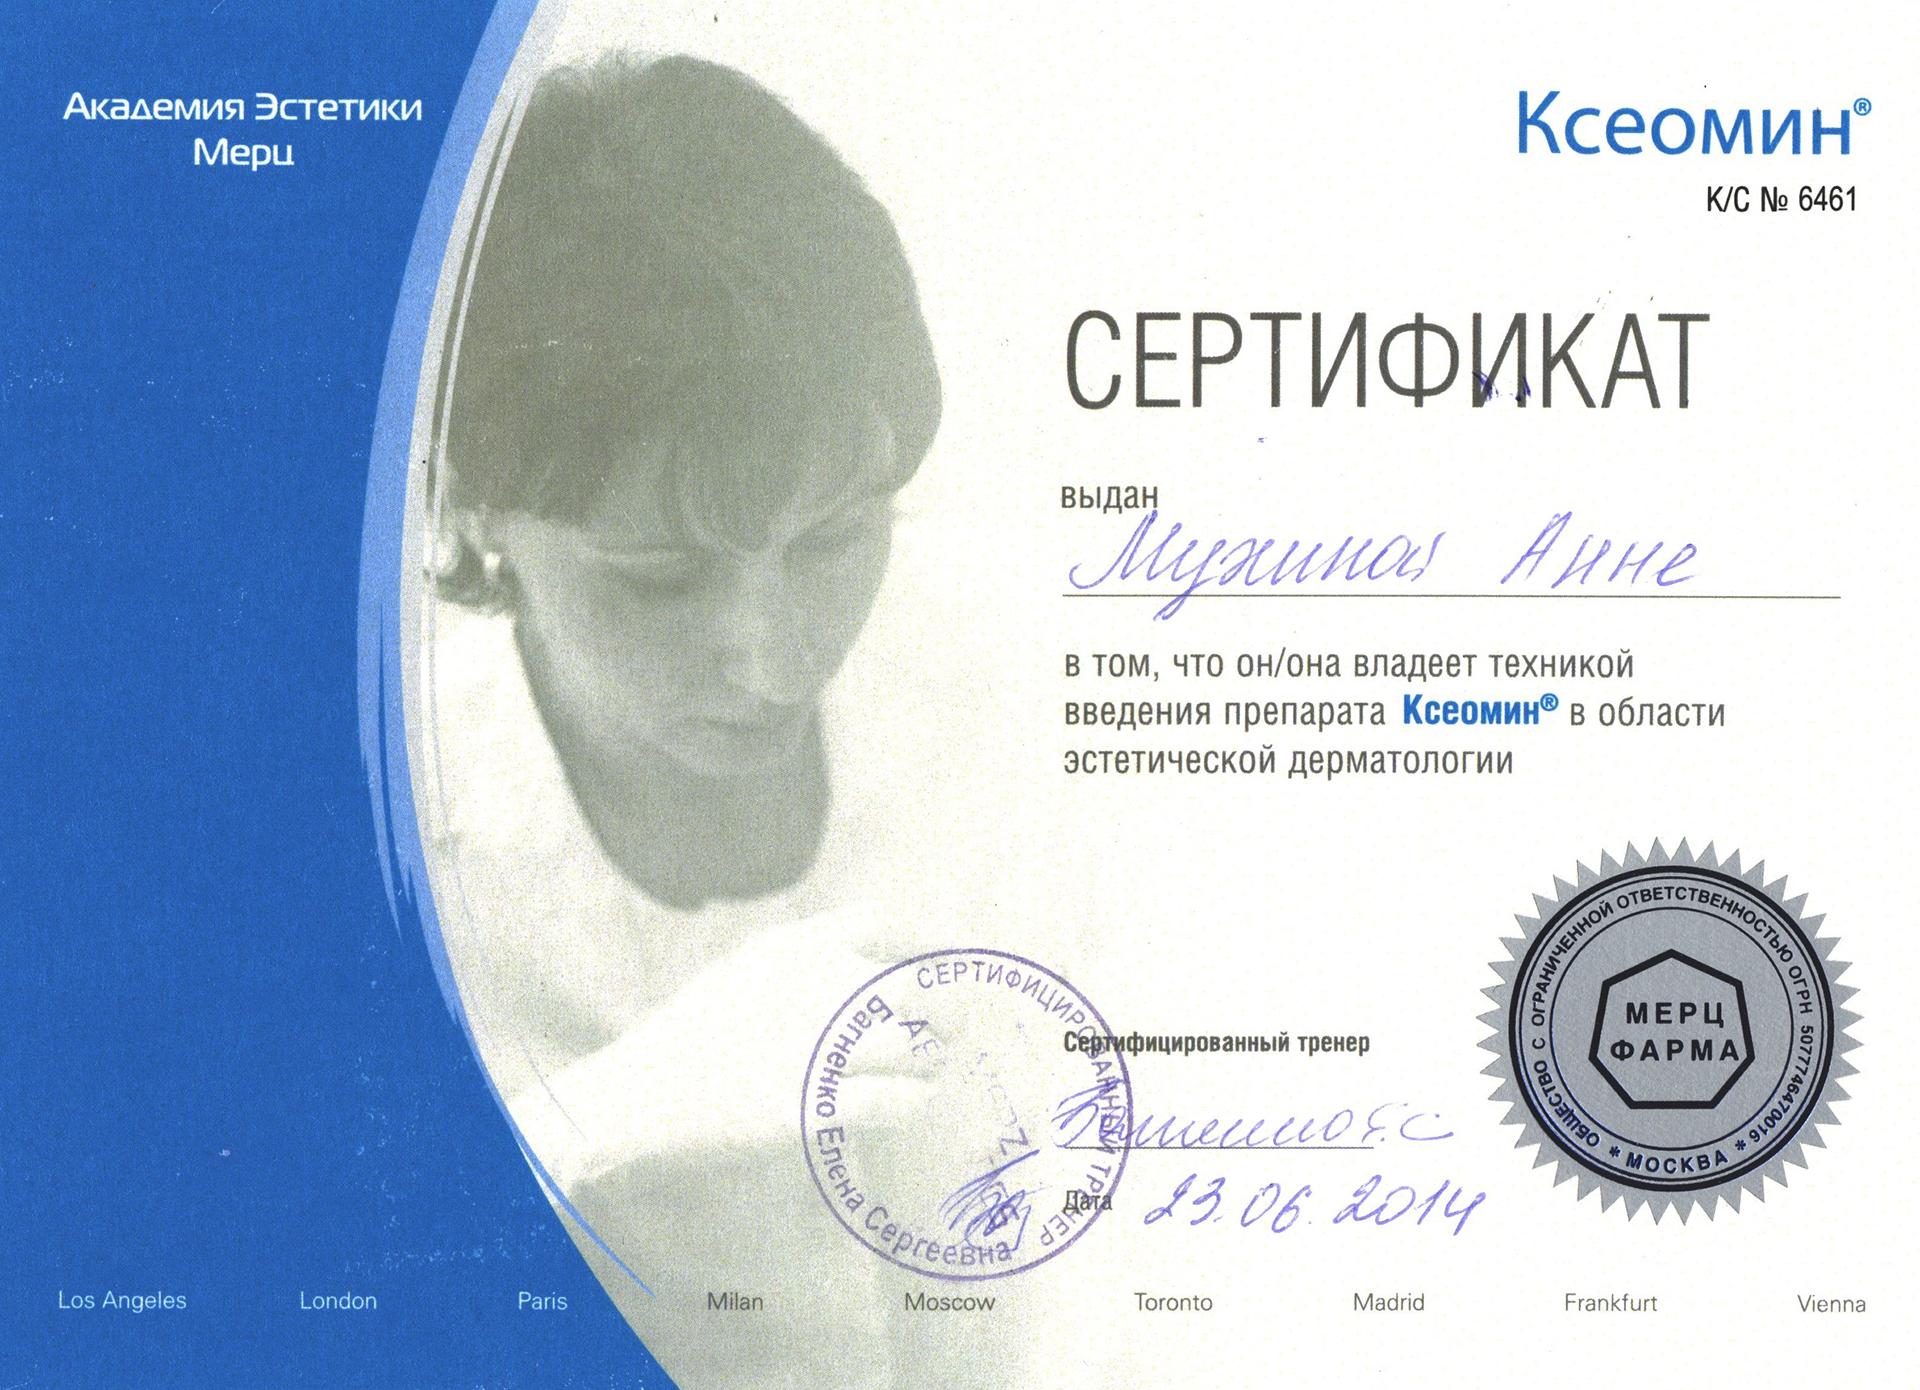 Сертификат — Применение препарата «Ксеомин». Мухина Анна Михайловна